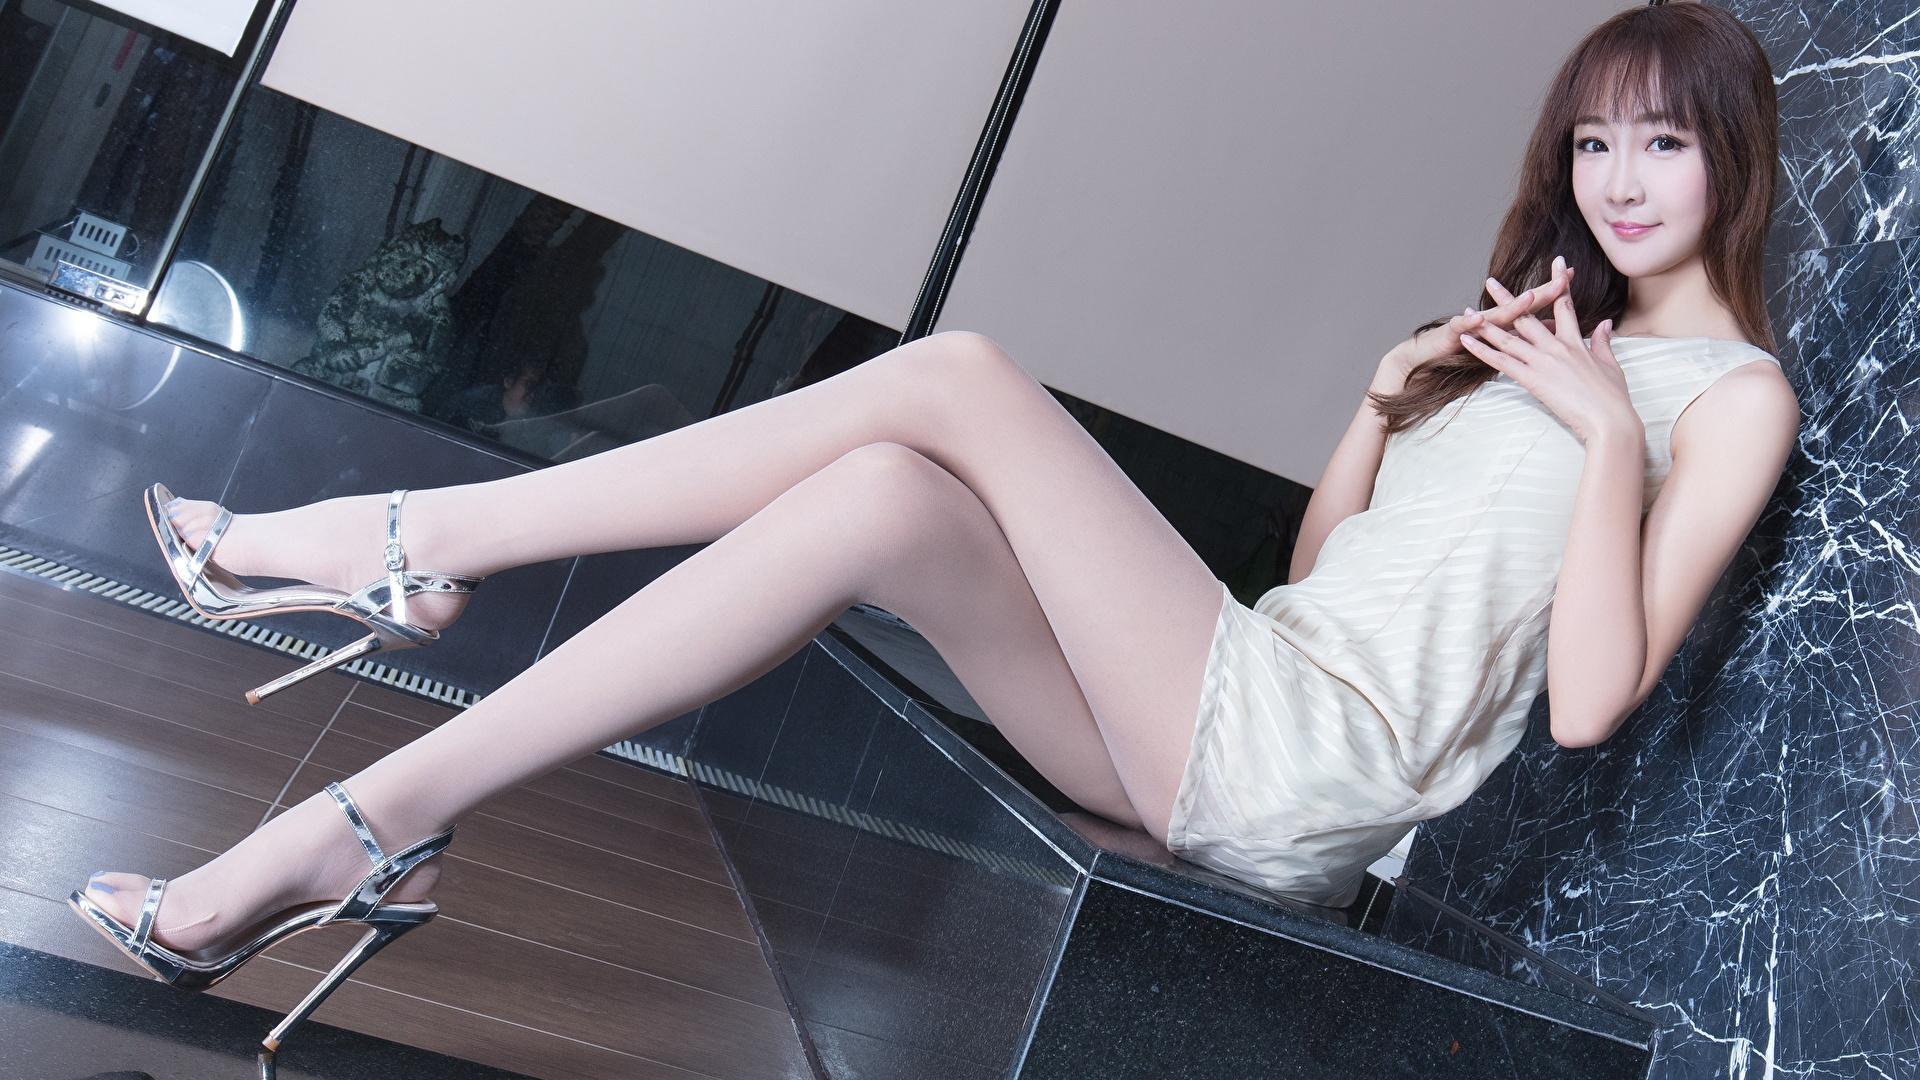 Sfondi del desktop Collant Bruna ragazza giovani donne Asiatici Le gambe Seduto Braccia Abito Scarpe con tacco 1920x1080 ragazza capelli neri ragazza Ragazze giovane donna asiatico seduta sedute Le mani Vestito